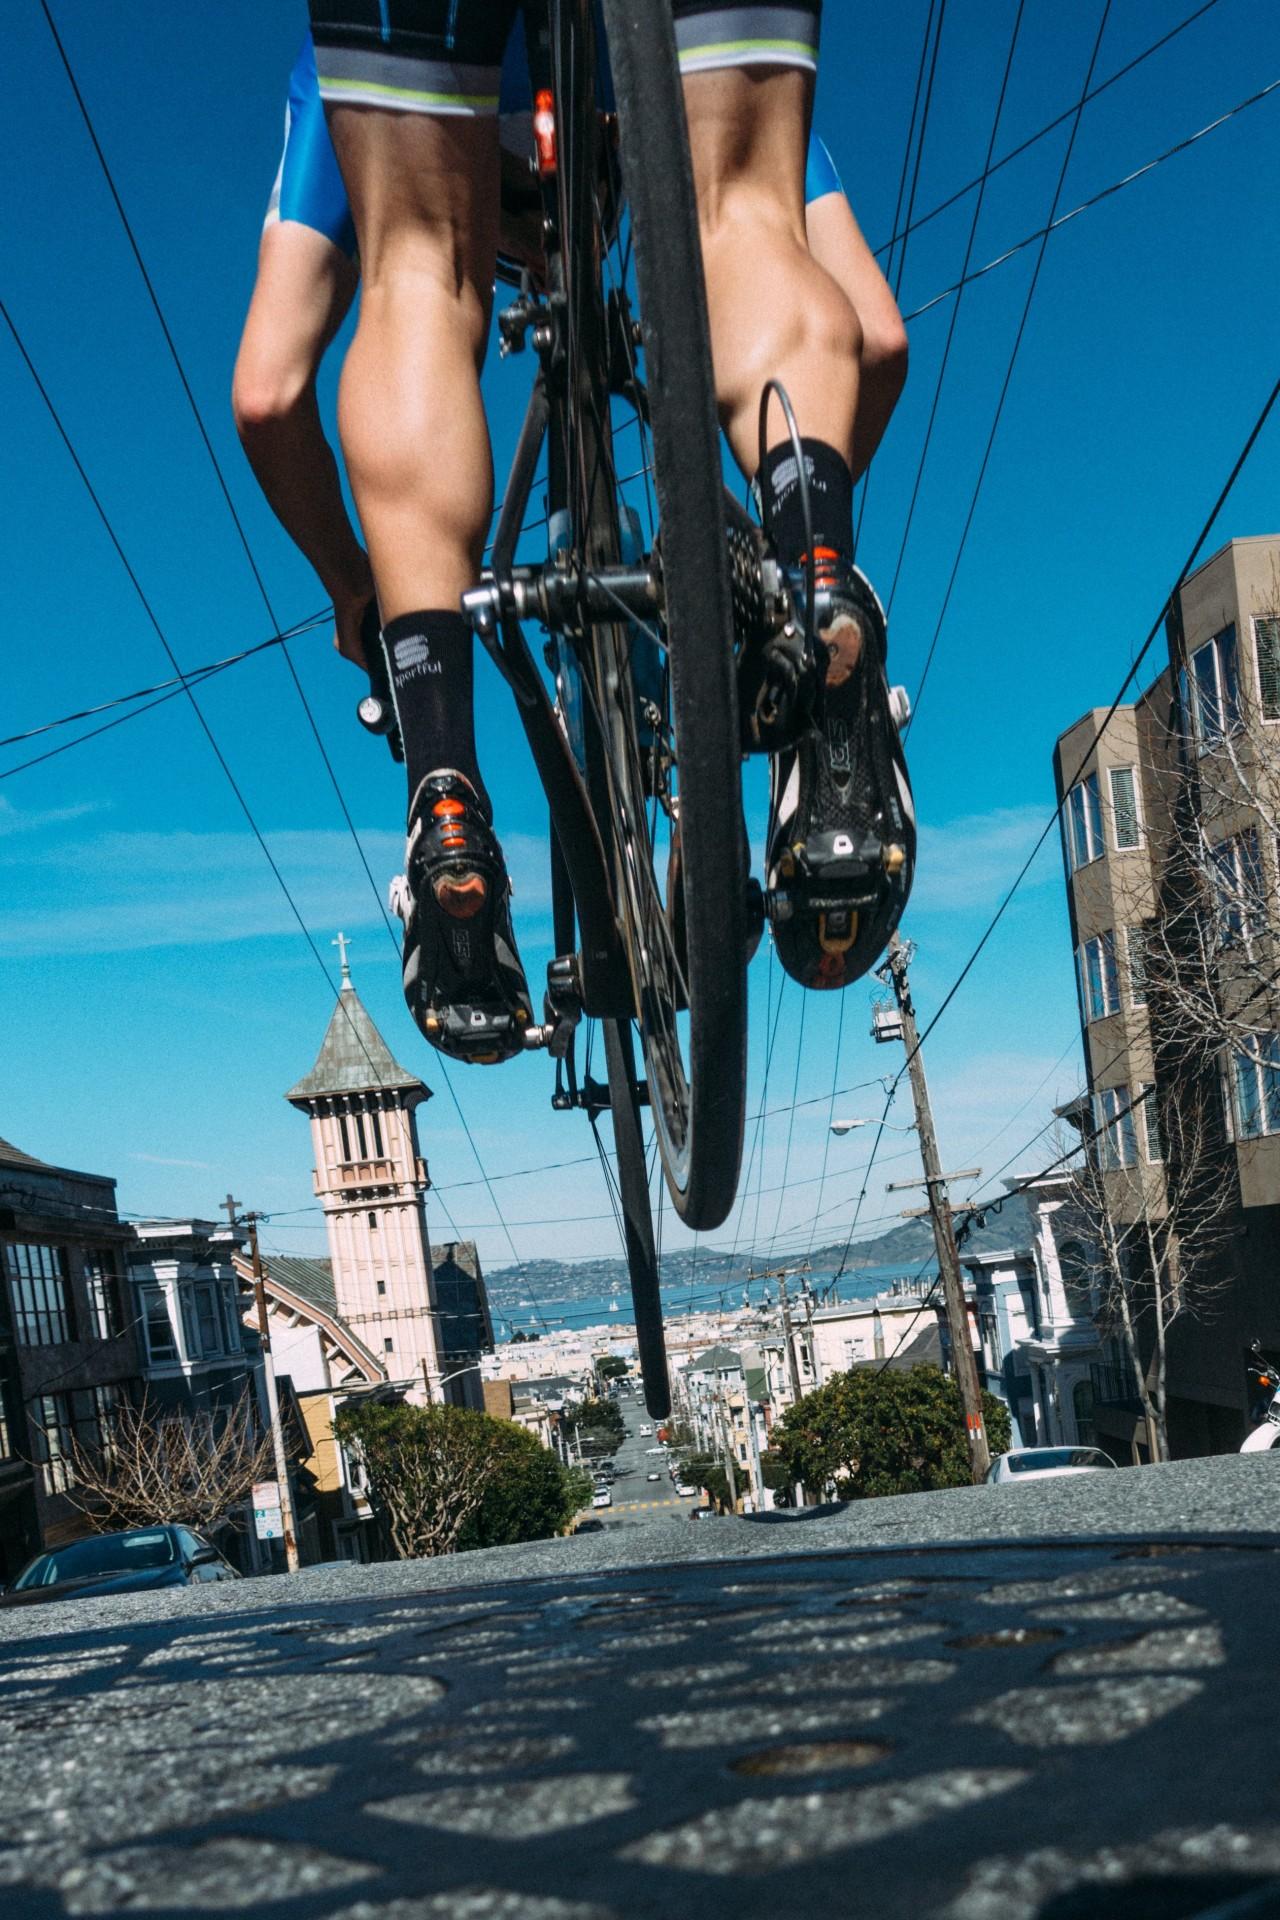 Recreating Bullitt - on a bike